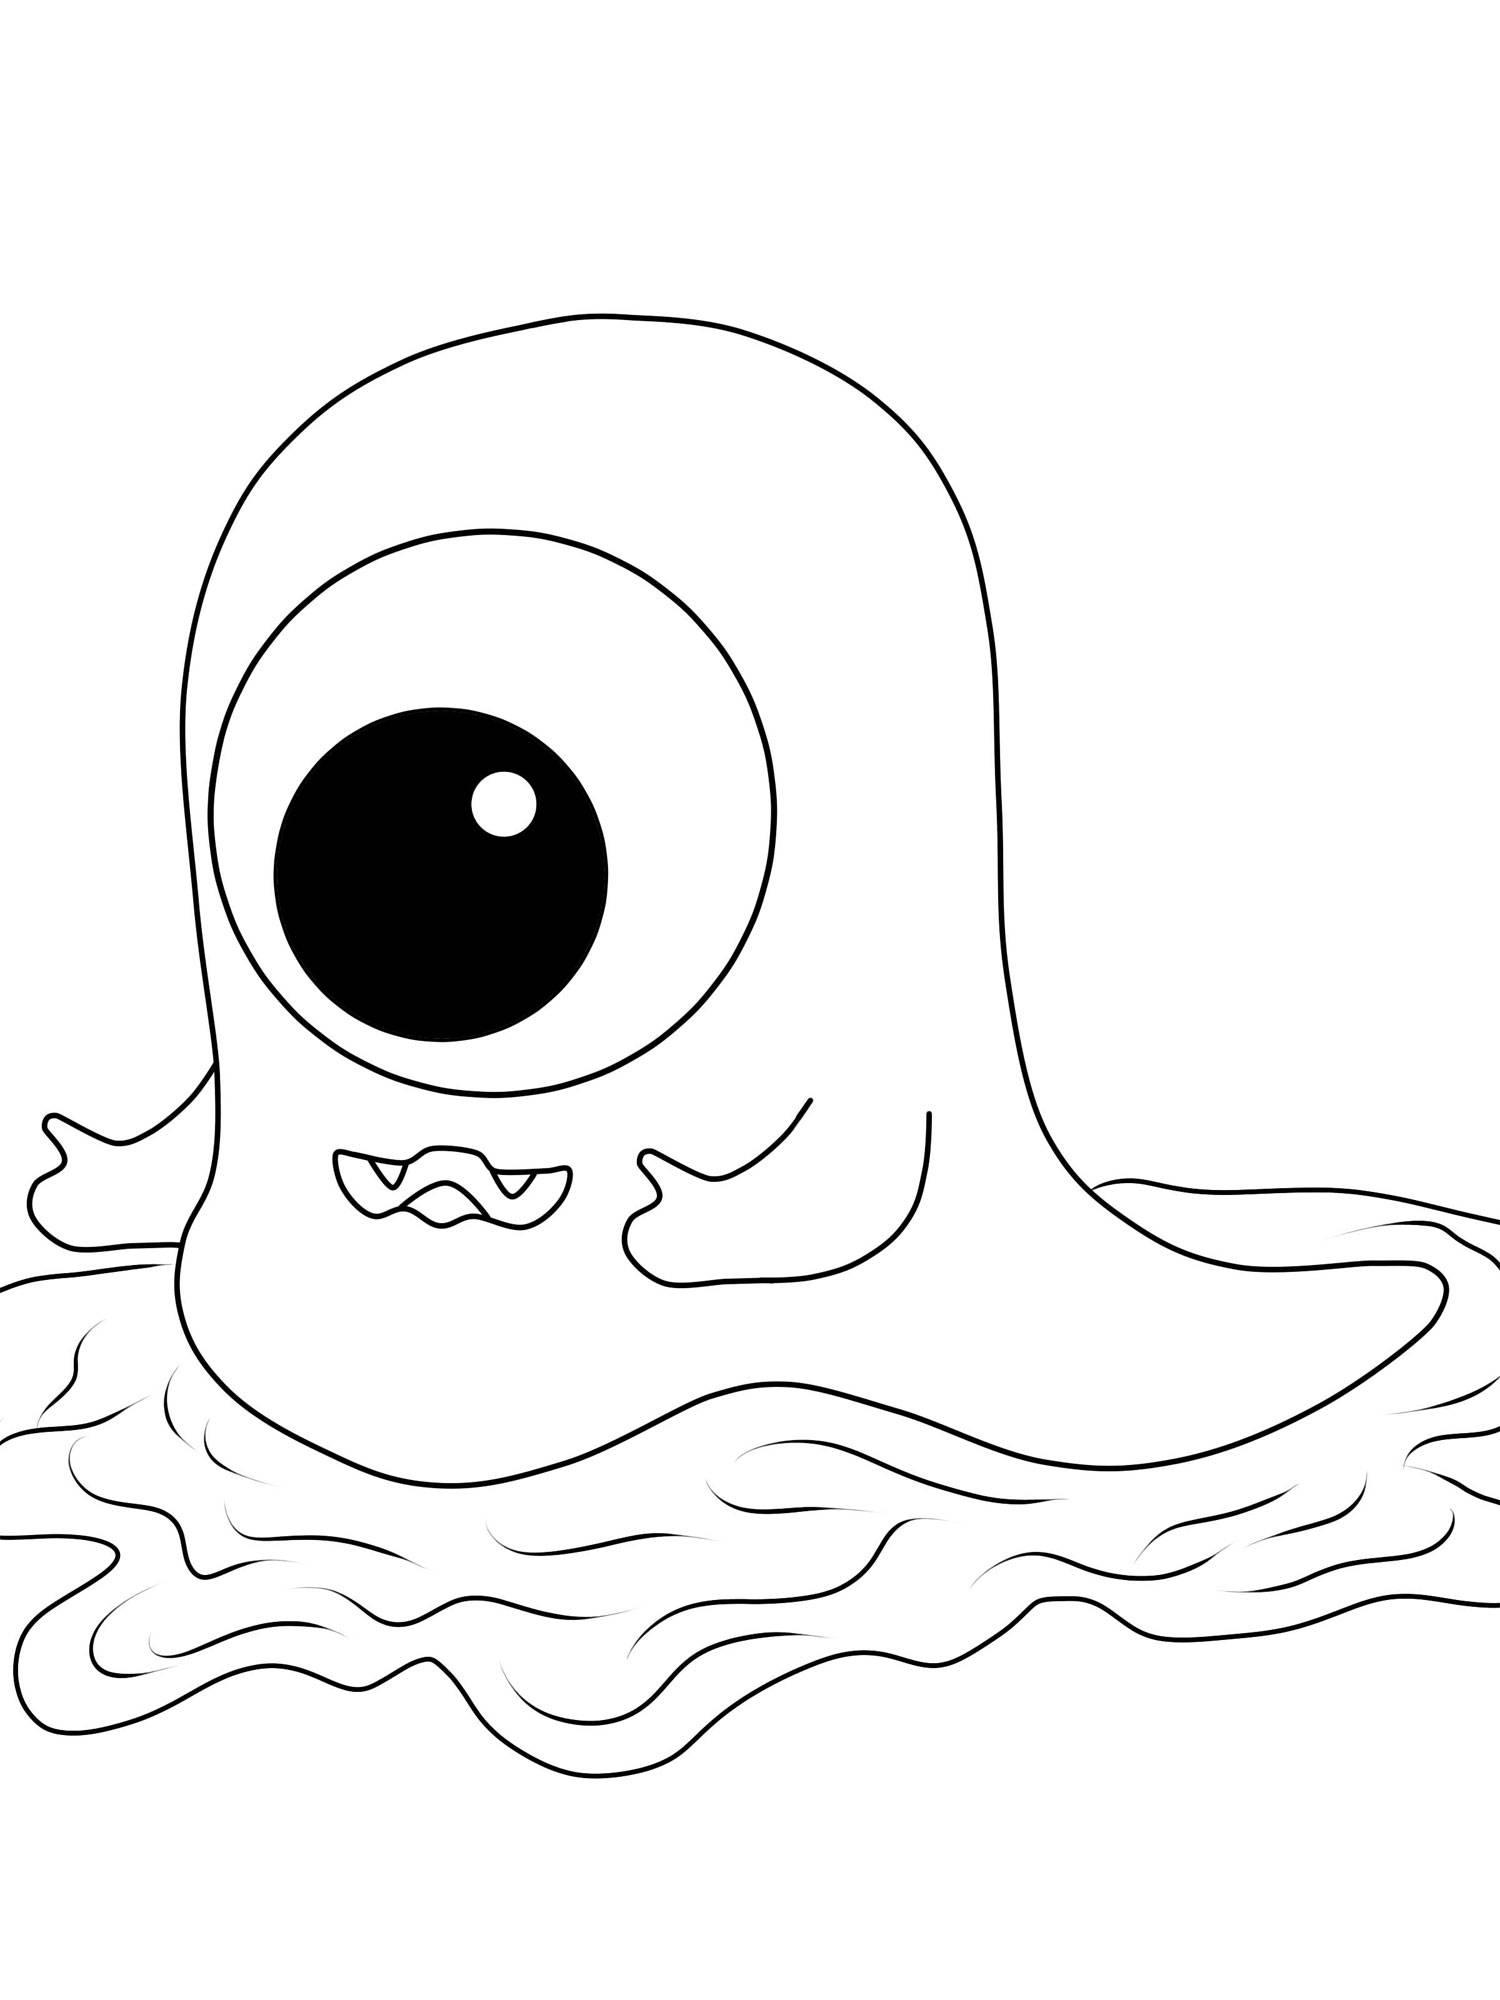 Ausmalbild Halloween Einäugiges Monster Kostenlos Ausdrucken